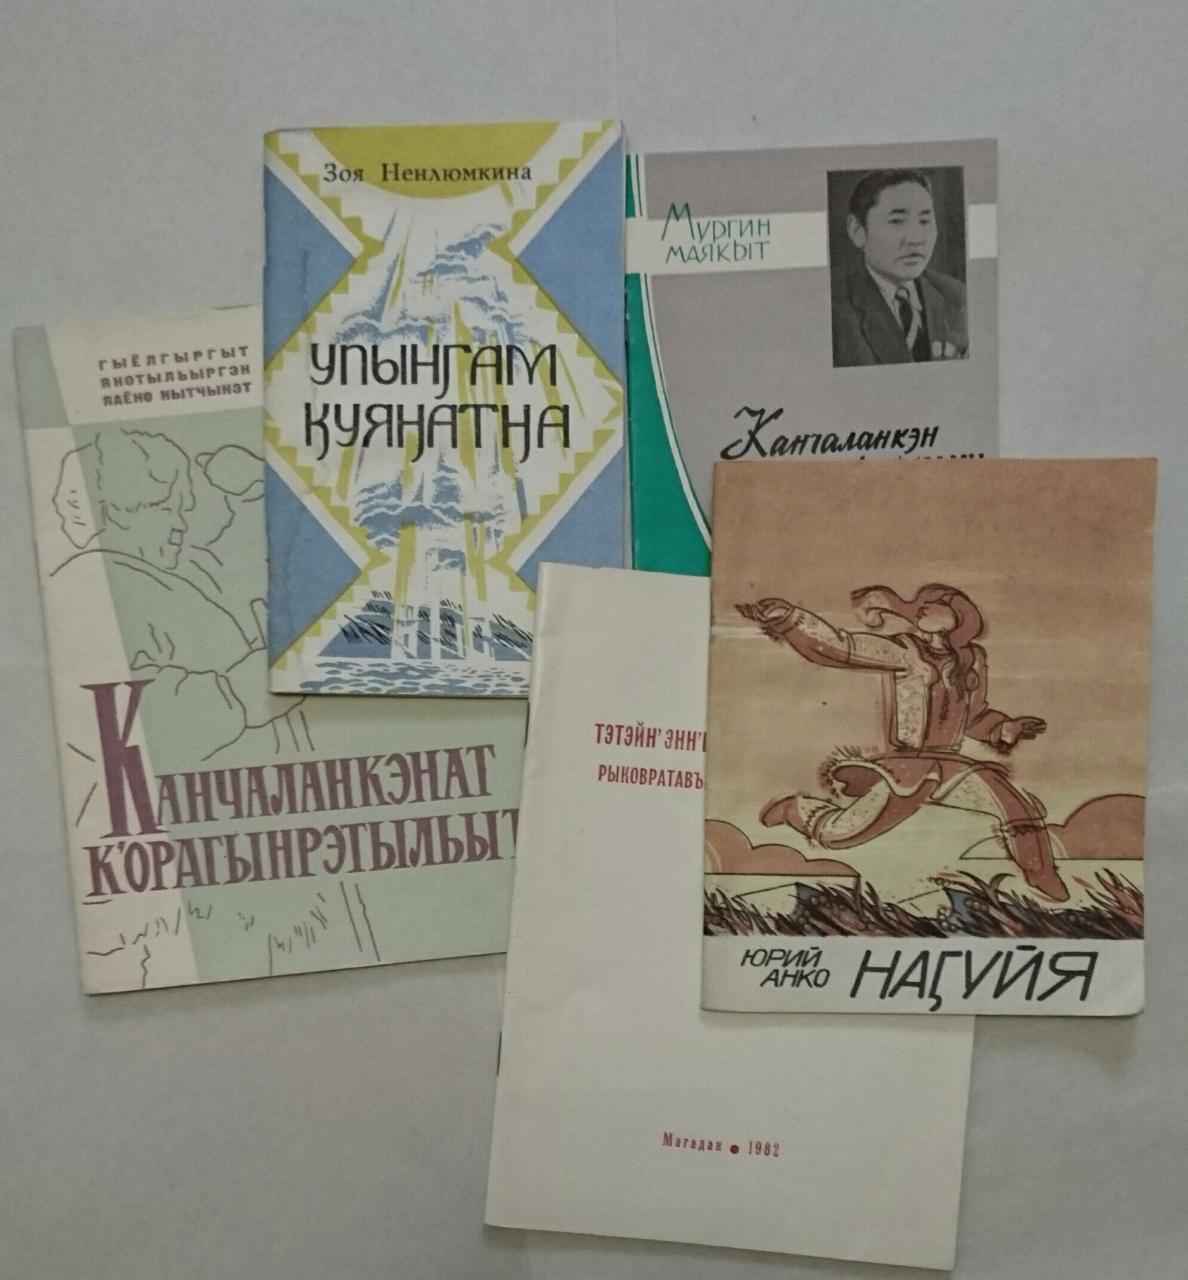 По утверждению Д. Рамсера, в советское время общение на национальном языке не поощрялось. На снимке всего лишь очень малая часть книг, выпущенных в «советское время» в Магадане на языках коренных народов. В нынешнее время похвастаться нечем.